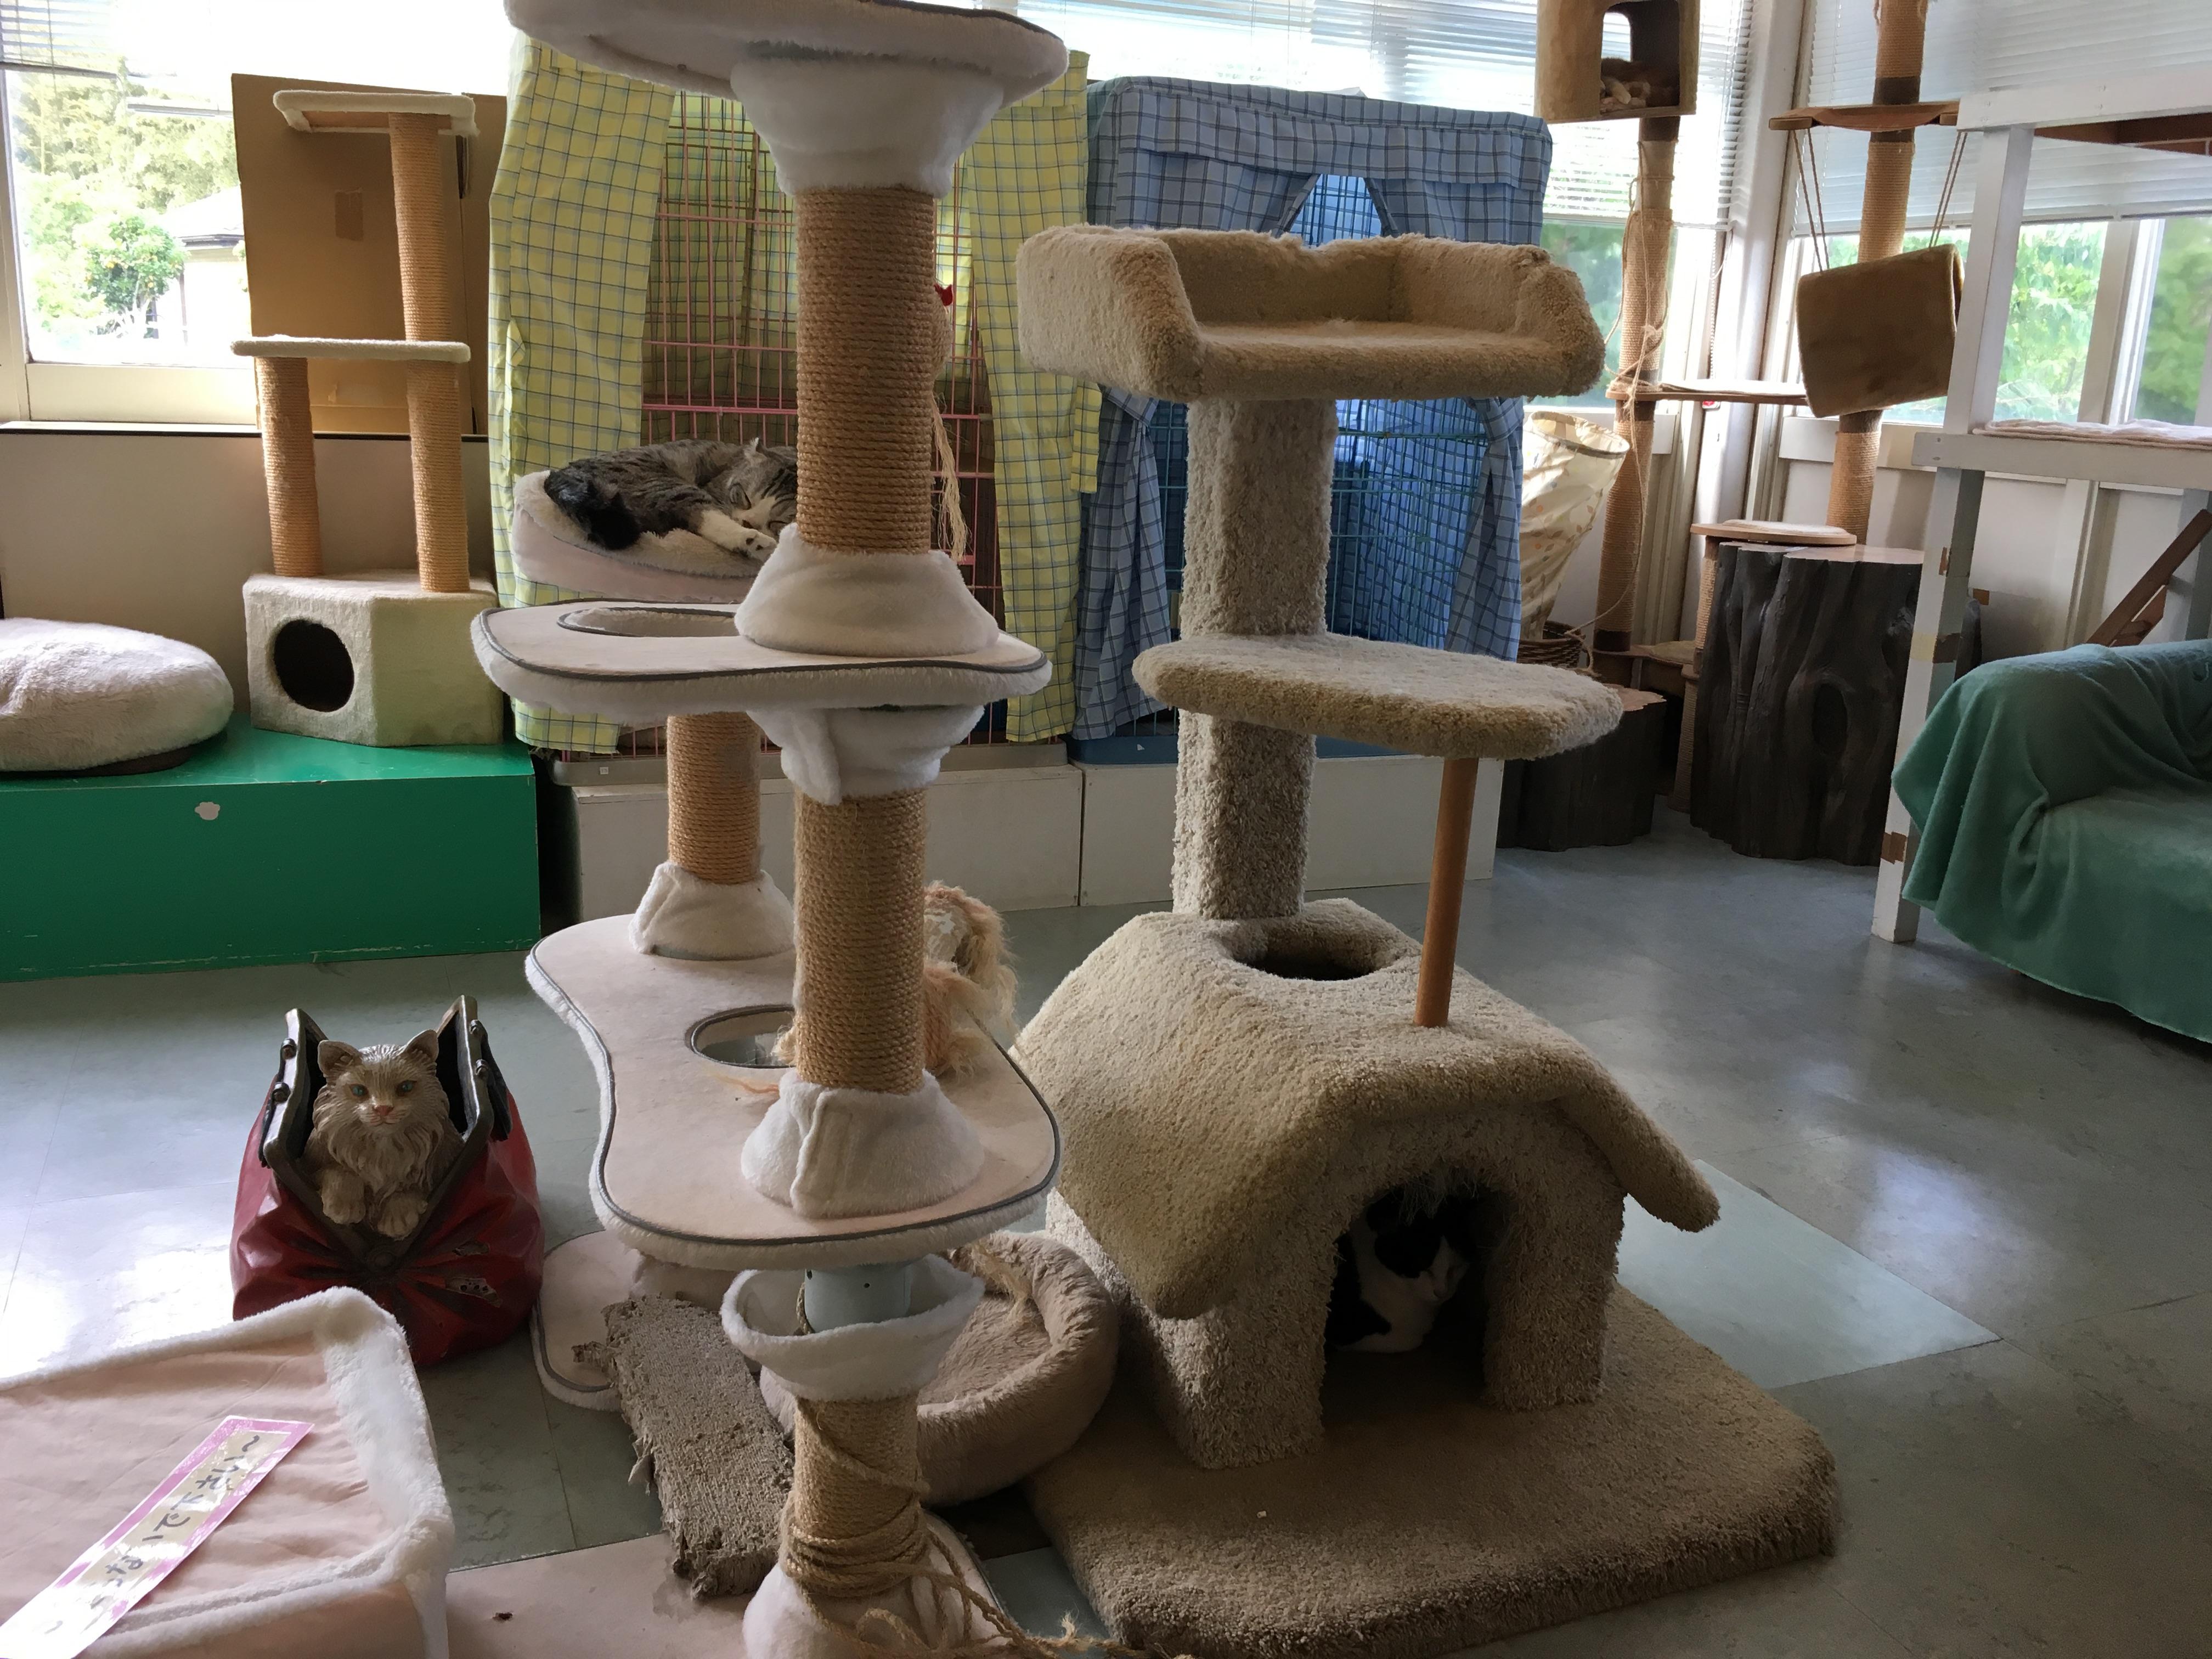 静岡の穴場ねこの博物館2階の猫カフェ